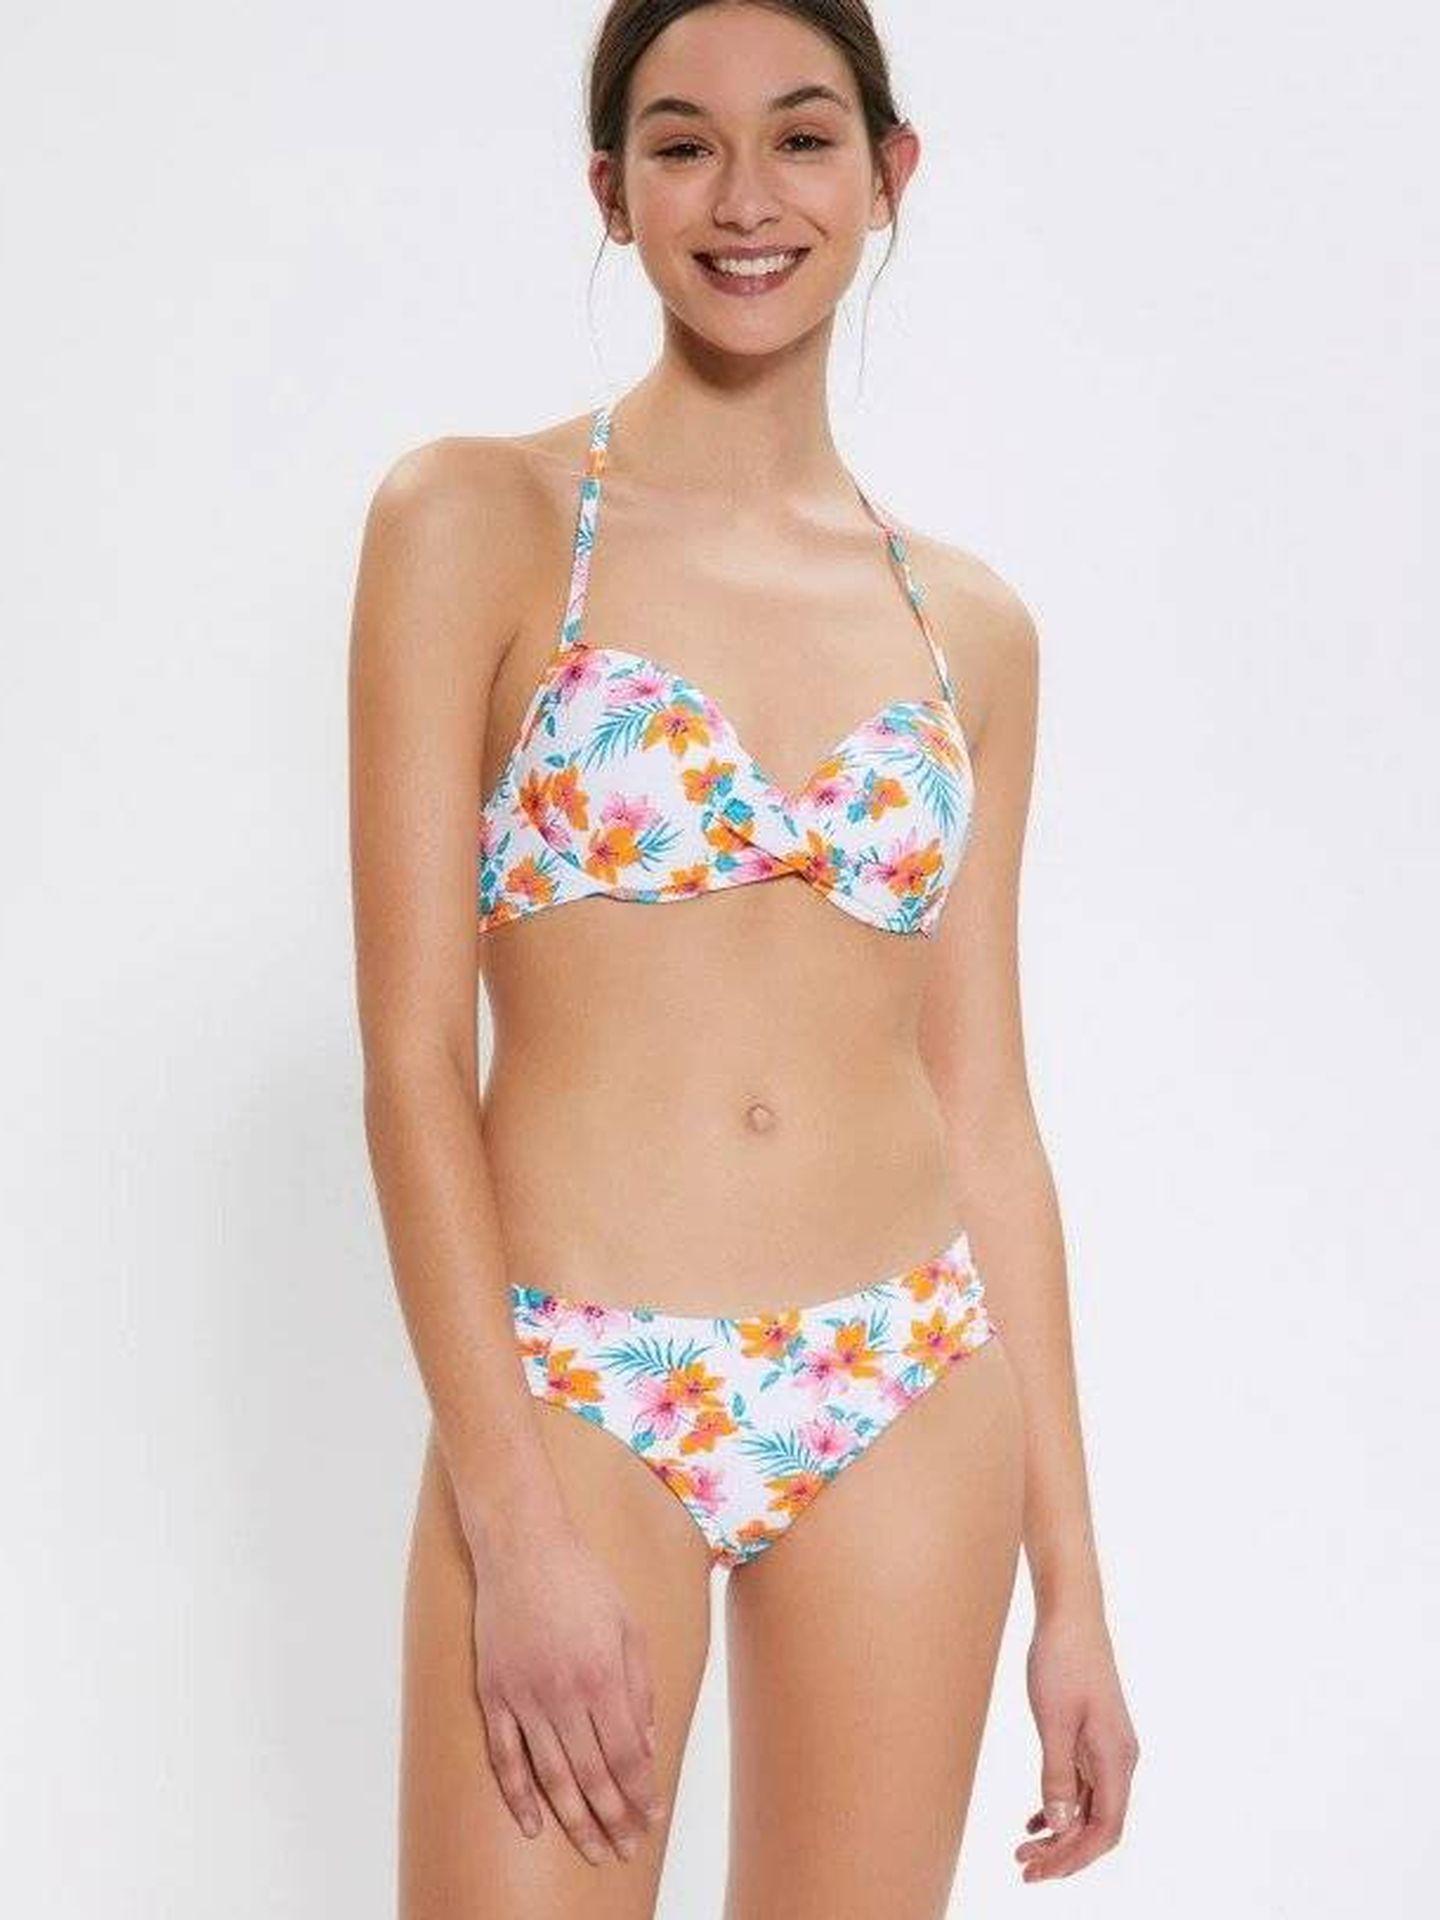 Bikini de flores de Sfera. (Cortesía)